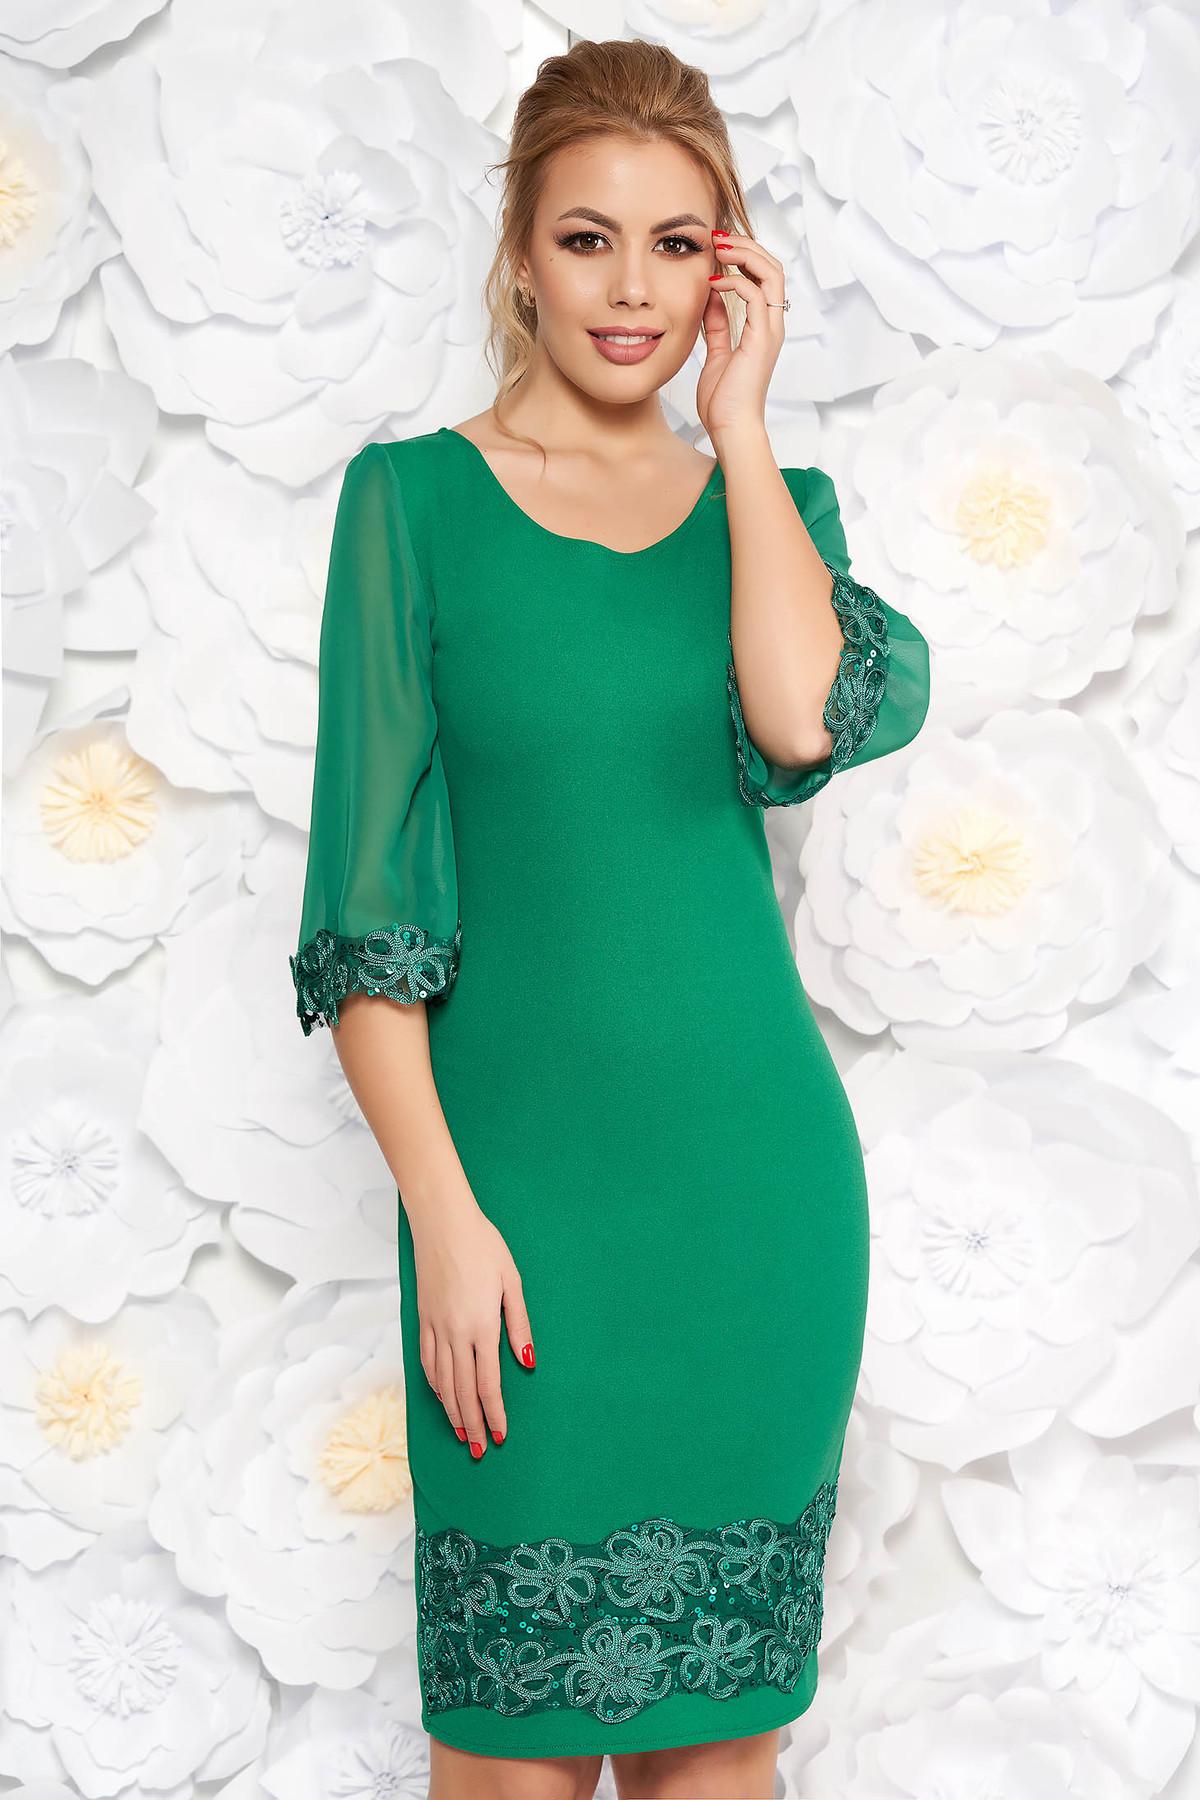 Rochie verde eleganta midi tip creion din material usor elastic cu aplicatii cu paiete